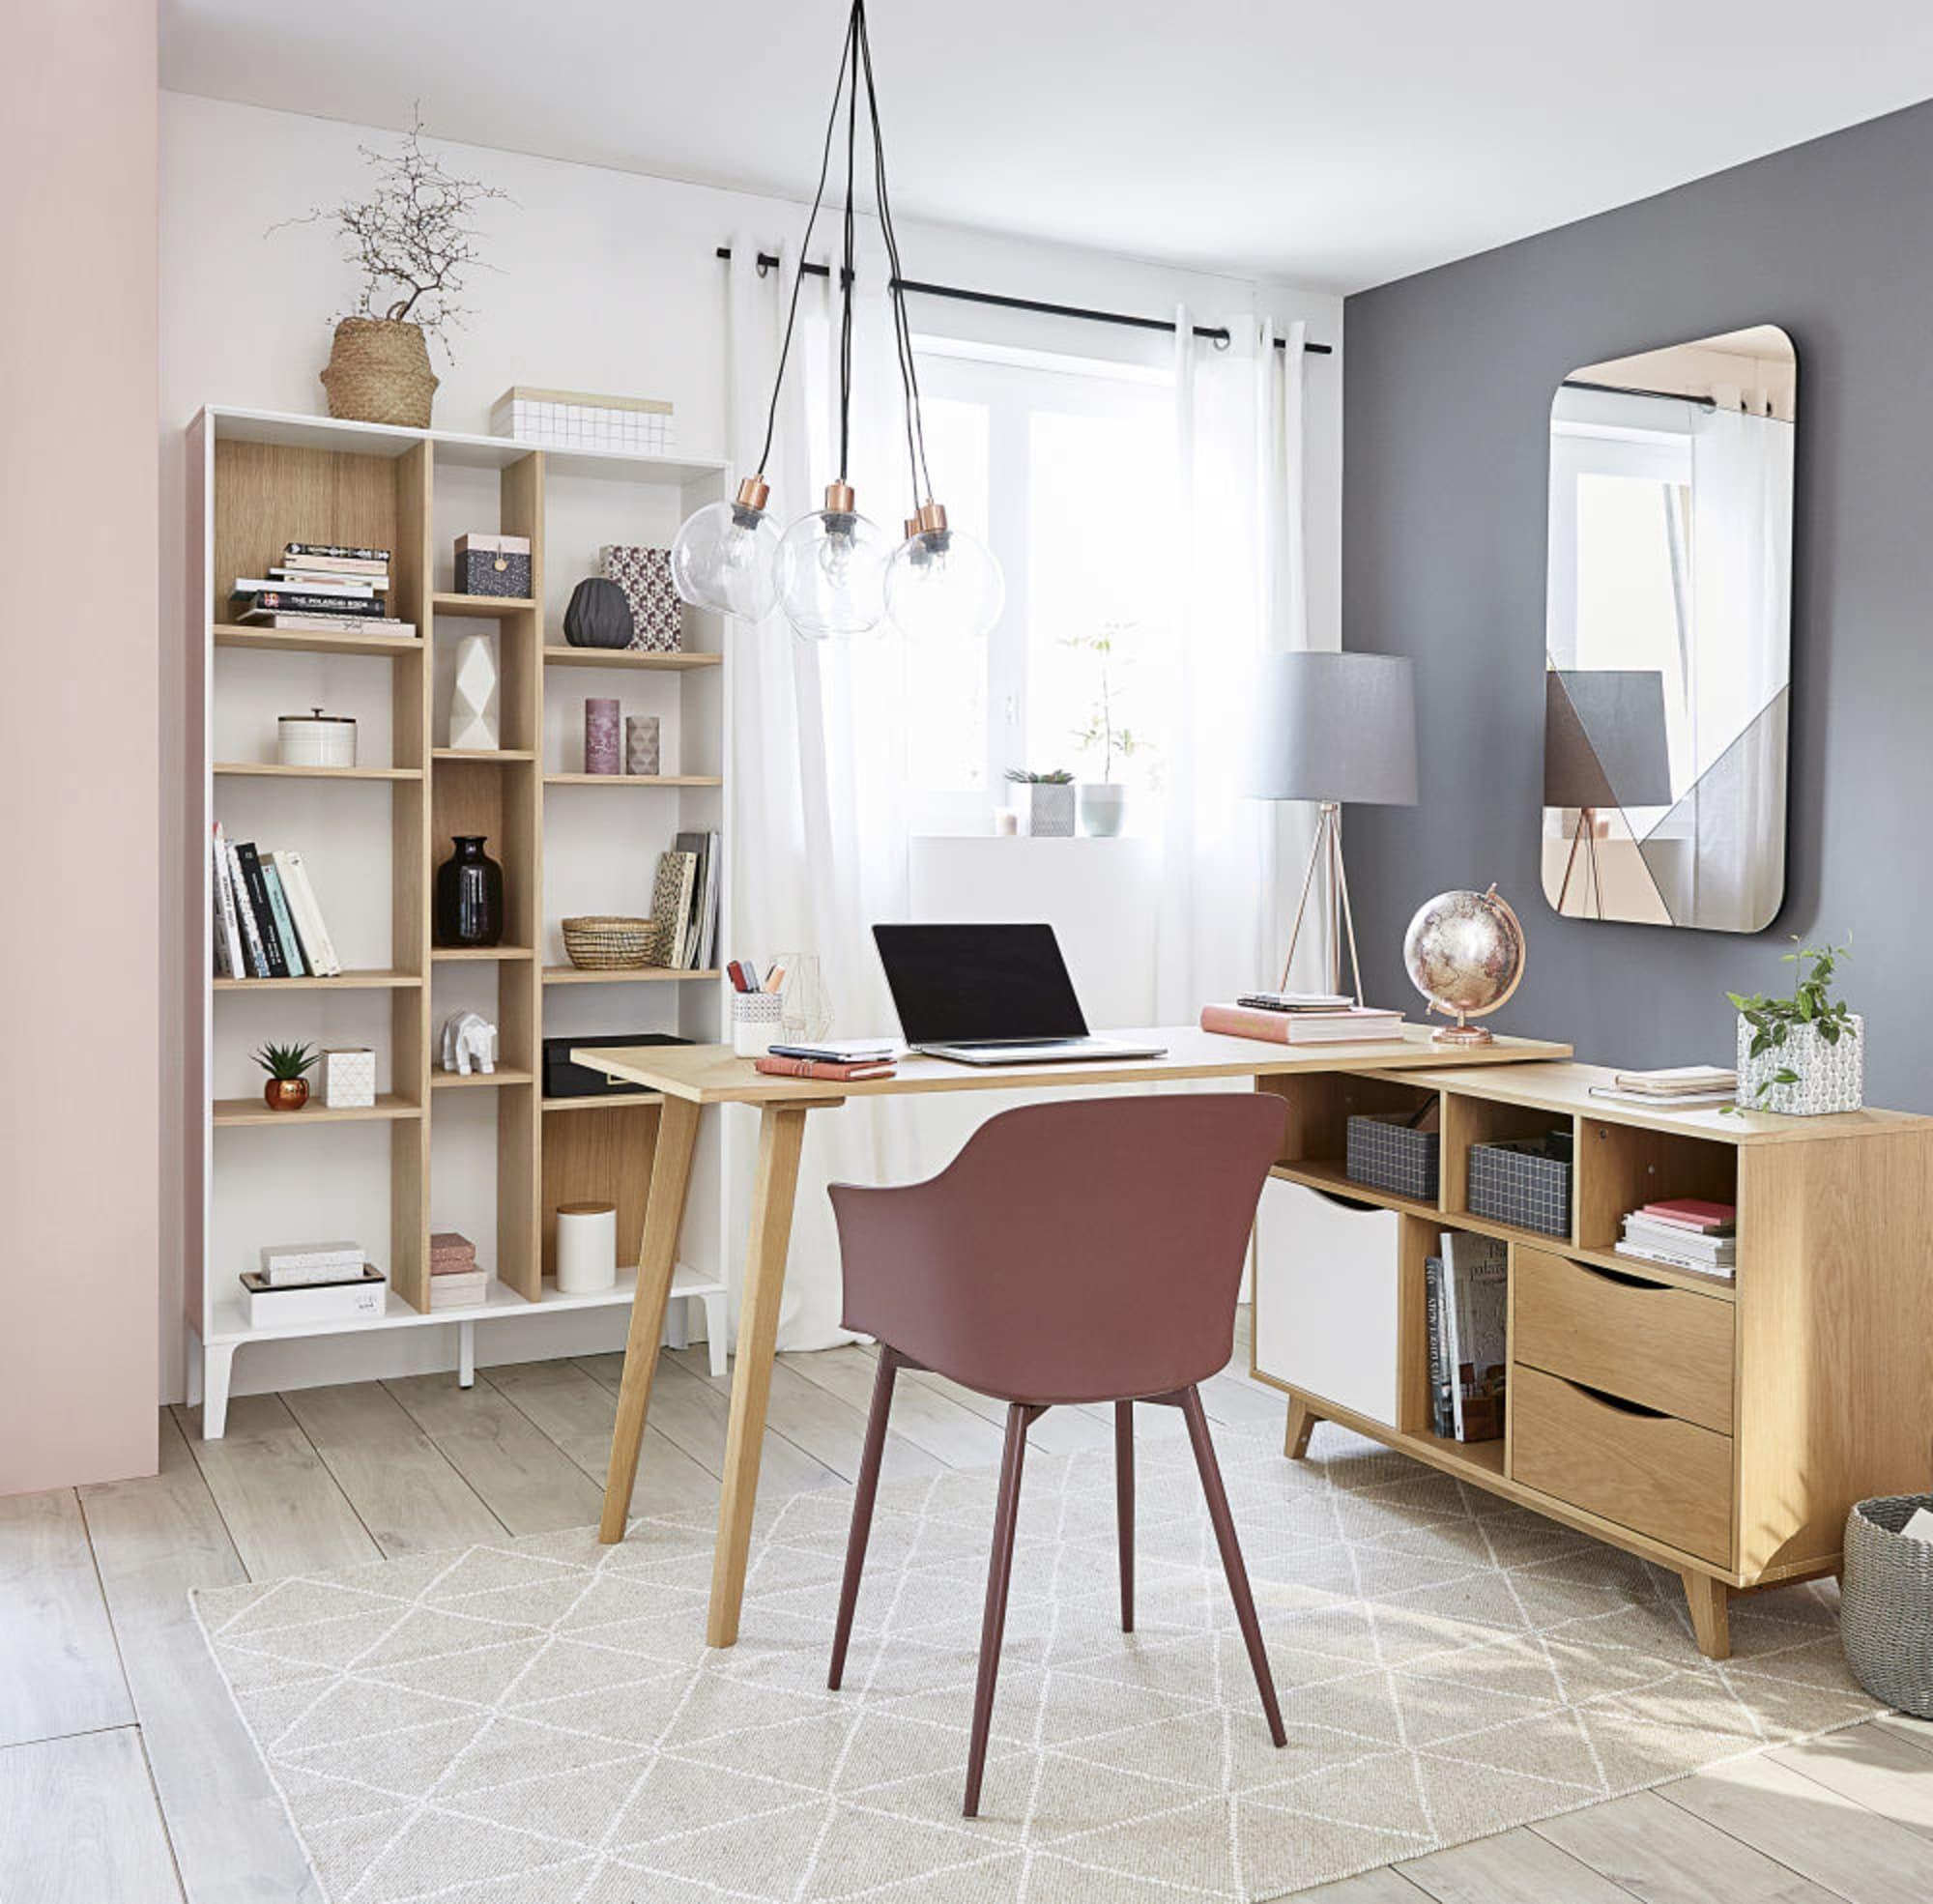 Two Tone Unstructured 15 Compartment Shelf Unit Maisons Du Monde Bureau Angle Decor De Bureau A Domicile Bureaux Maison Modernes